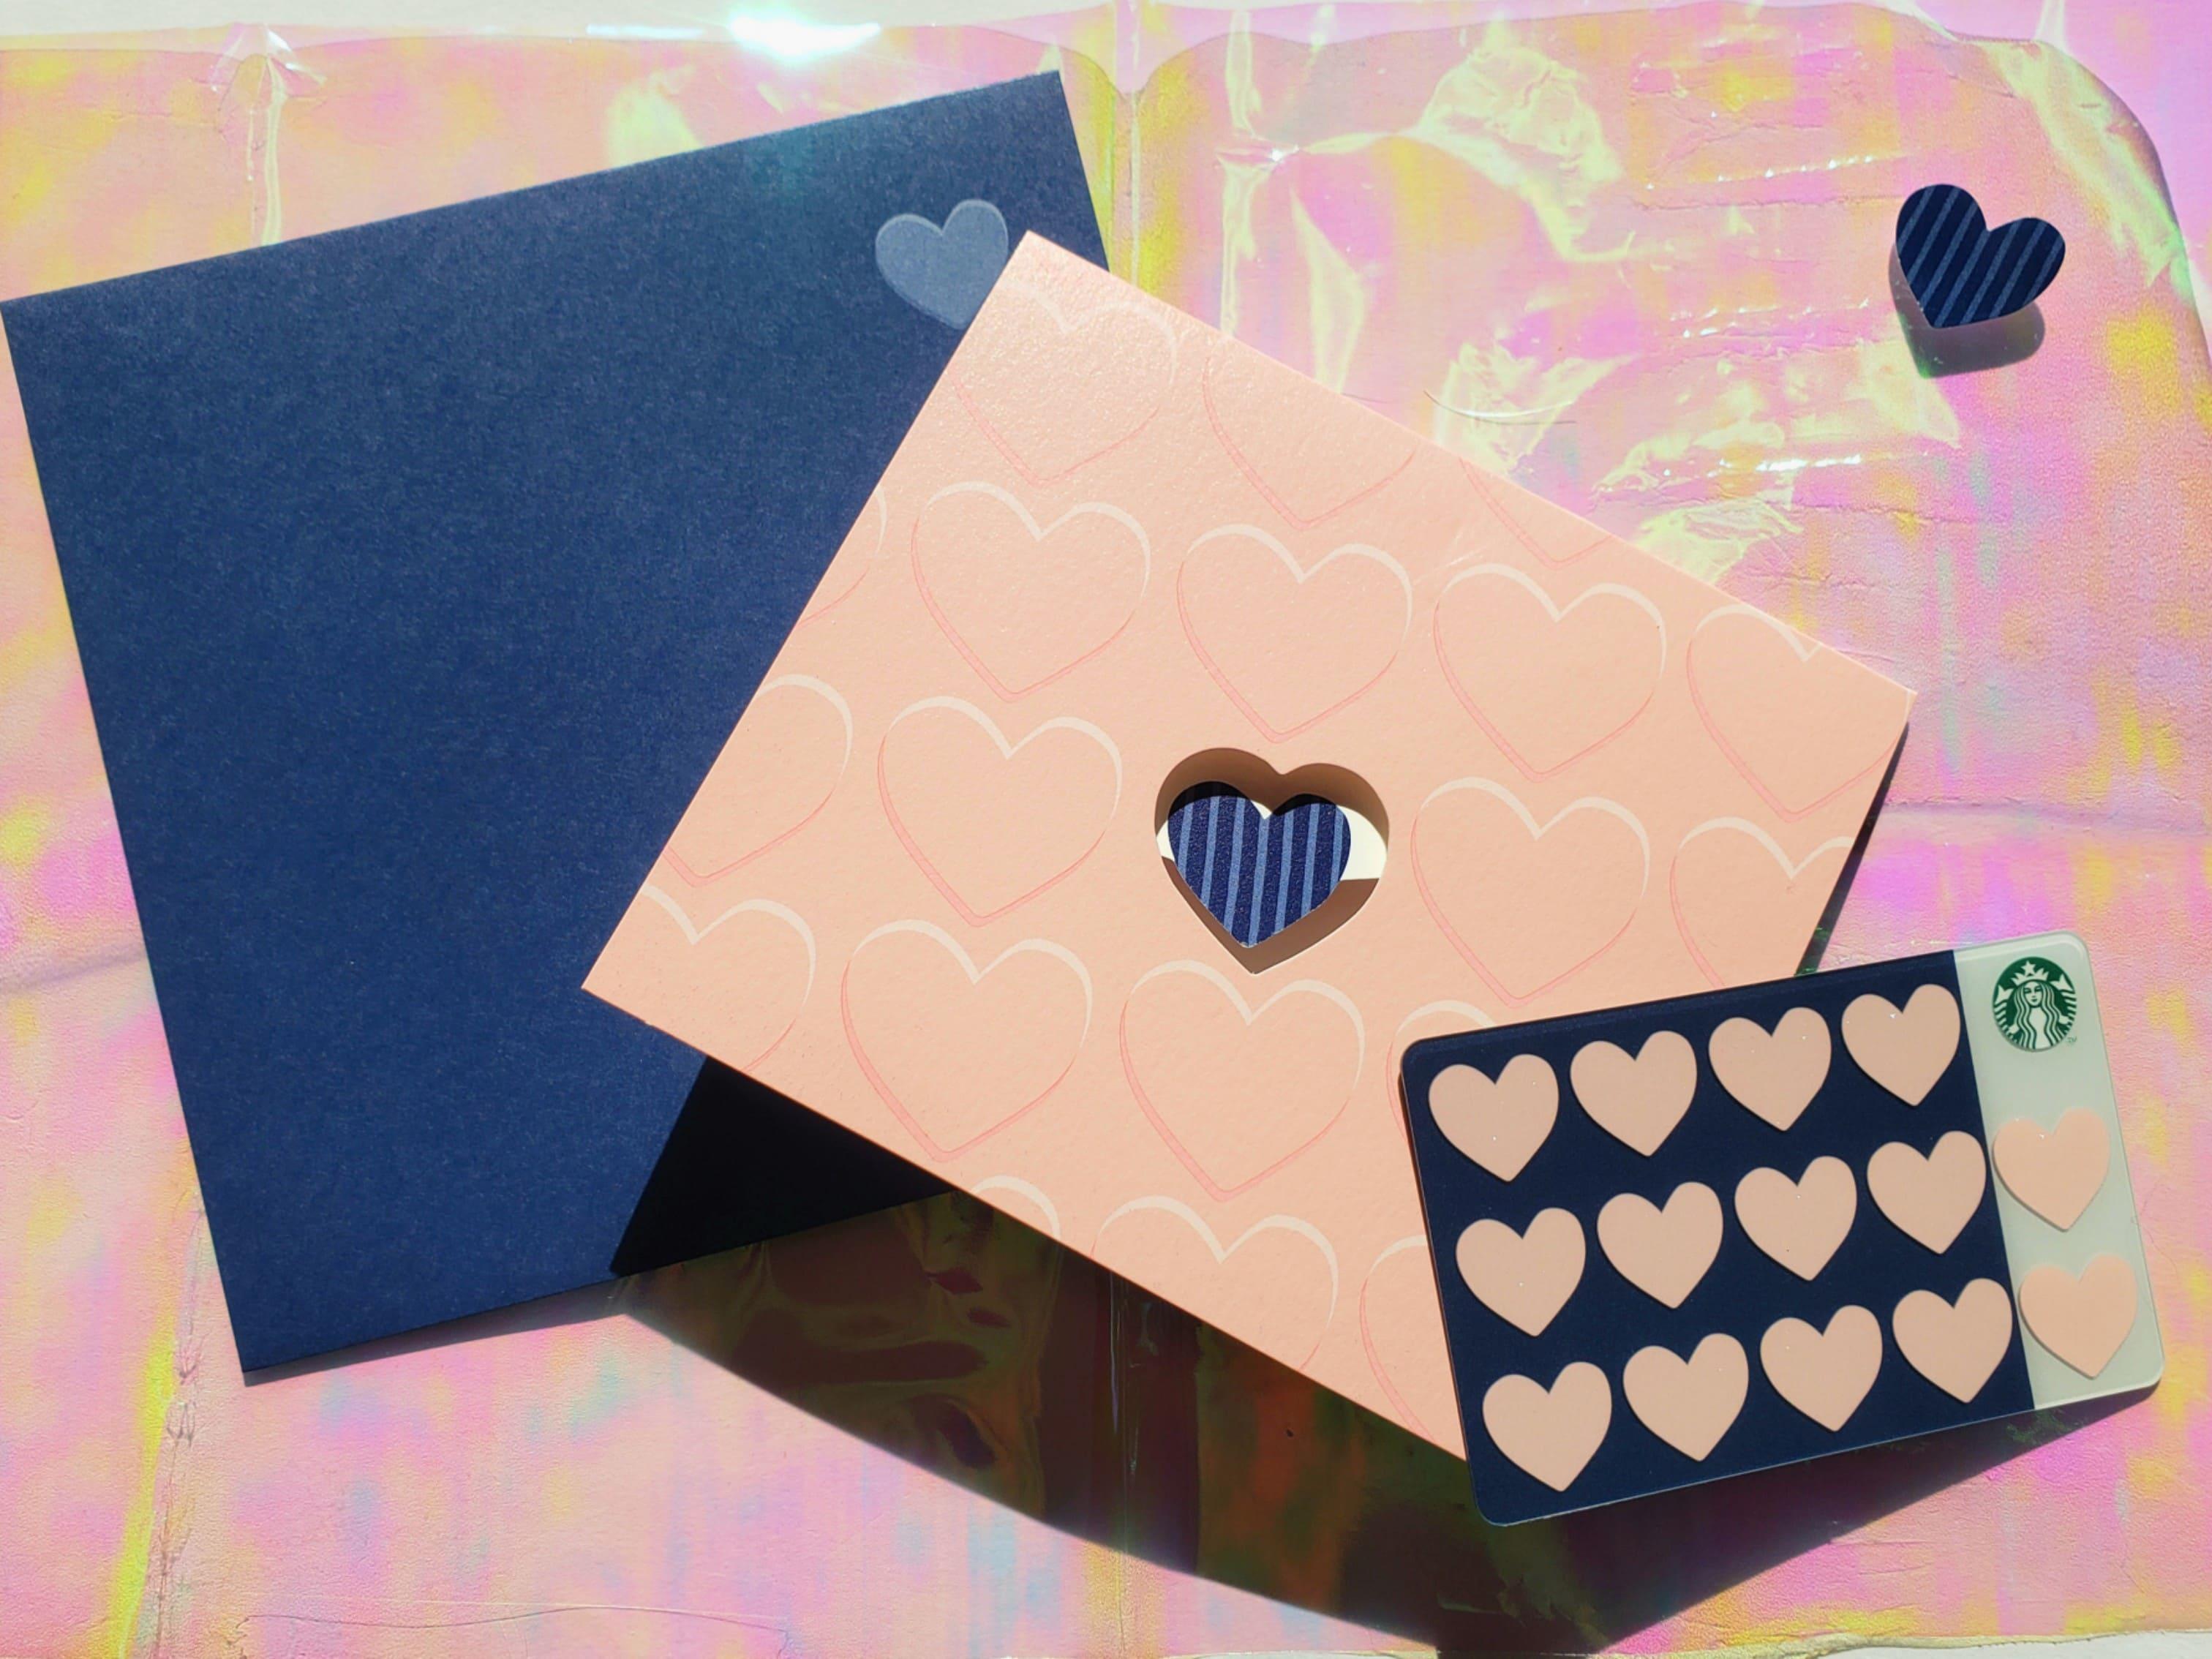 バレンタイン特集【2020年版】- おしゃれな限定チョコレートやイベント情報、スタバなどの限定スイーツ&アイテムも_37